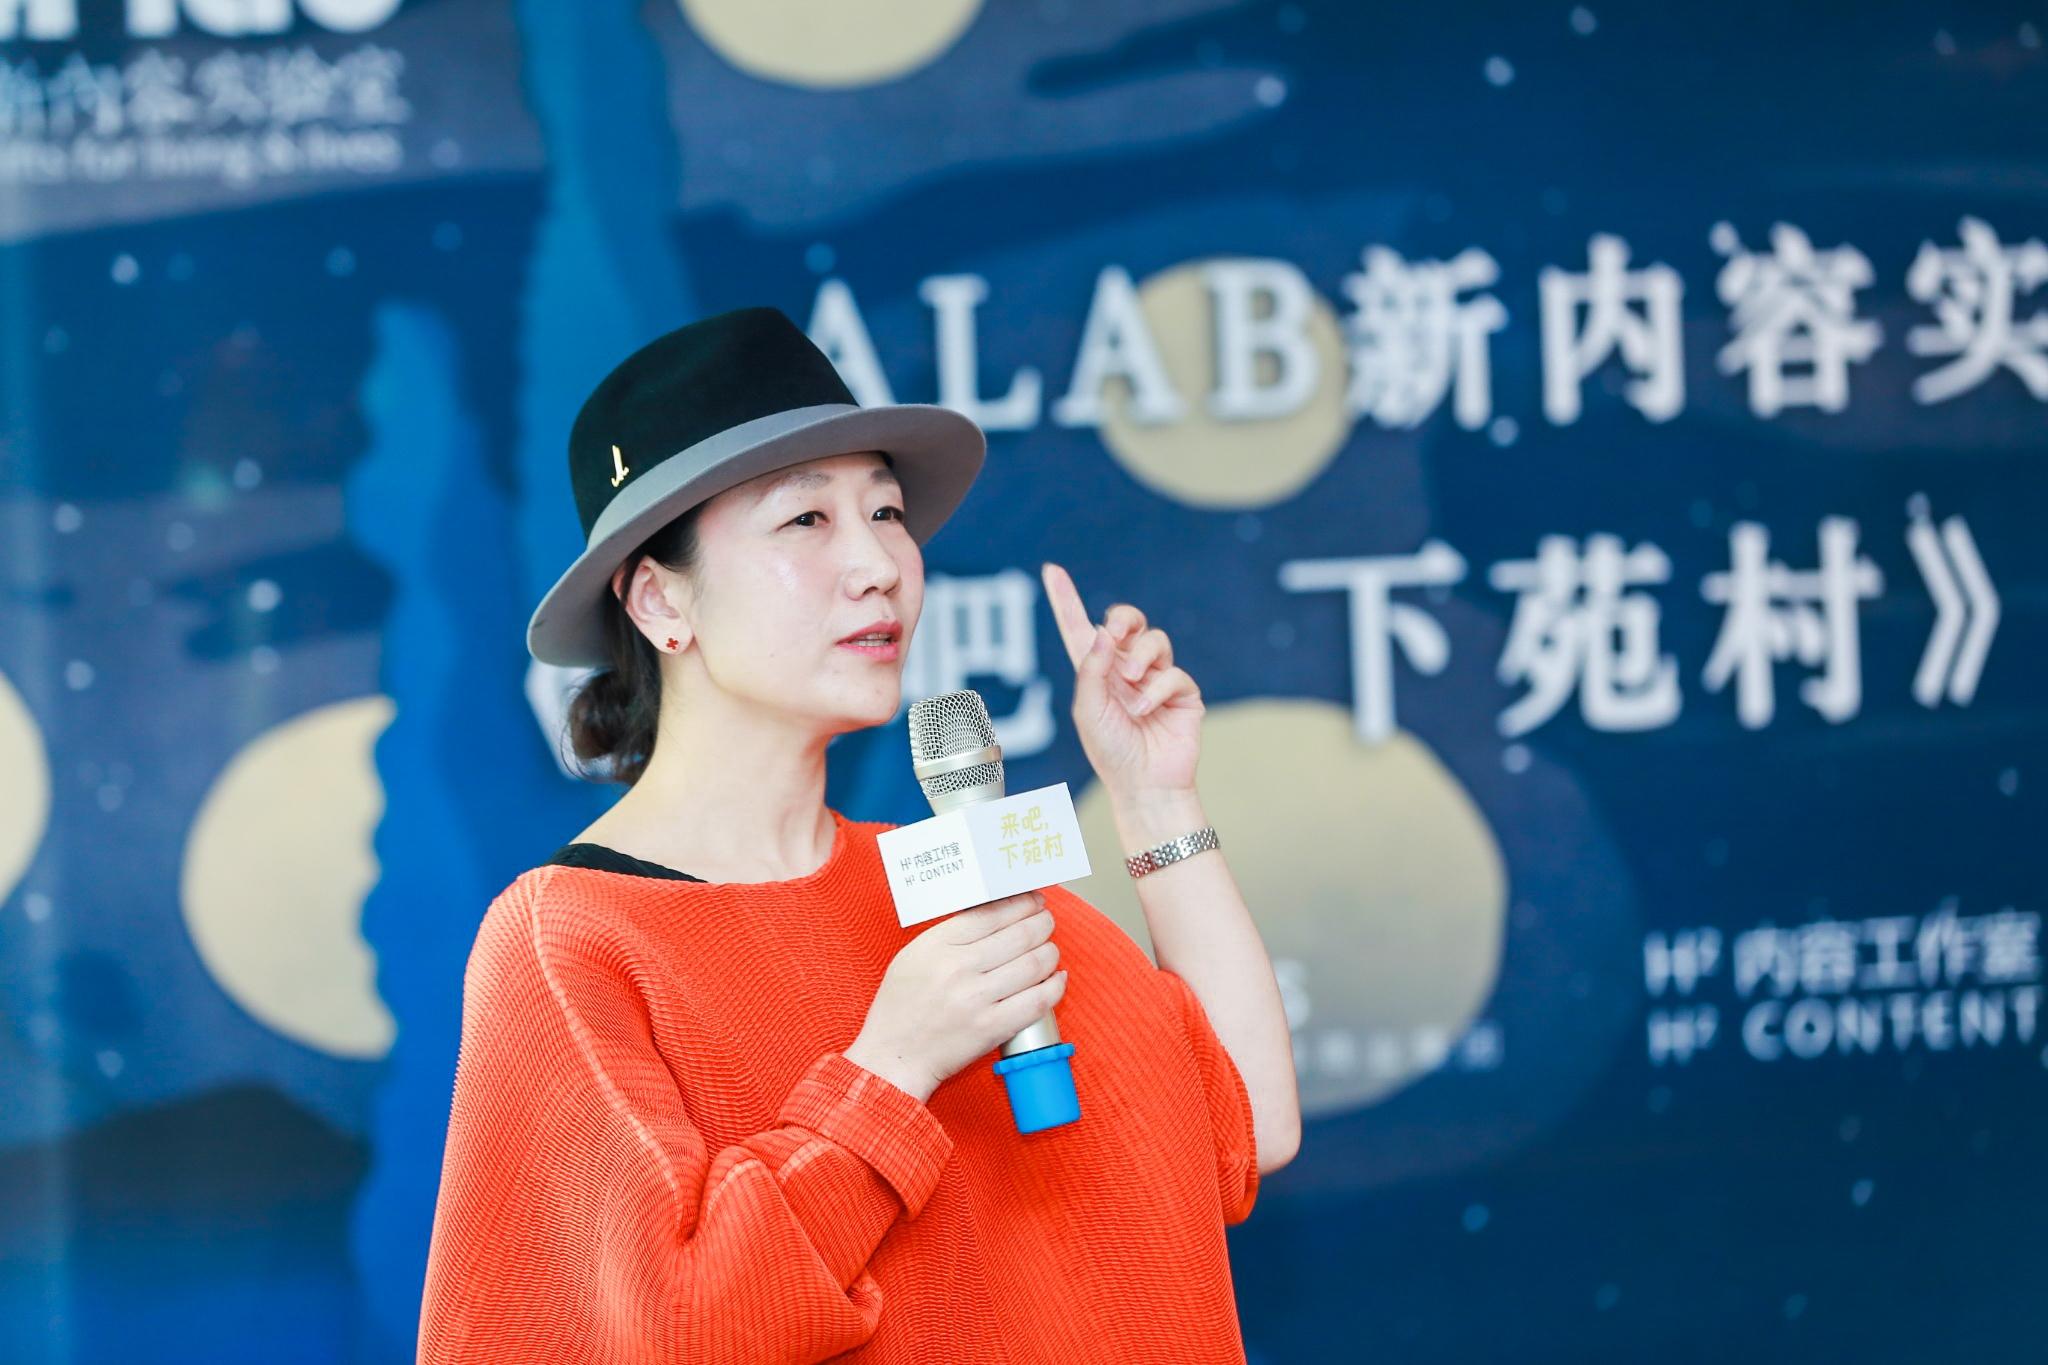 ALAB联合洪晃推出首部视频日志《来吧,下苑村》